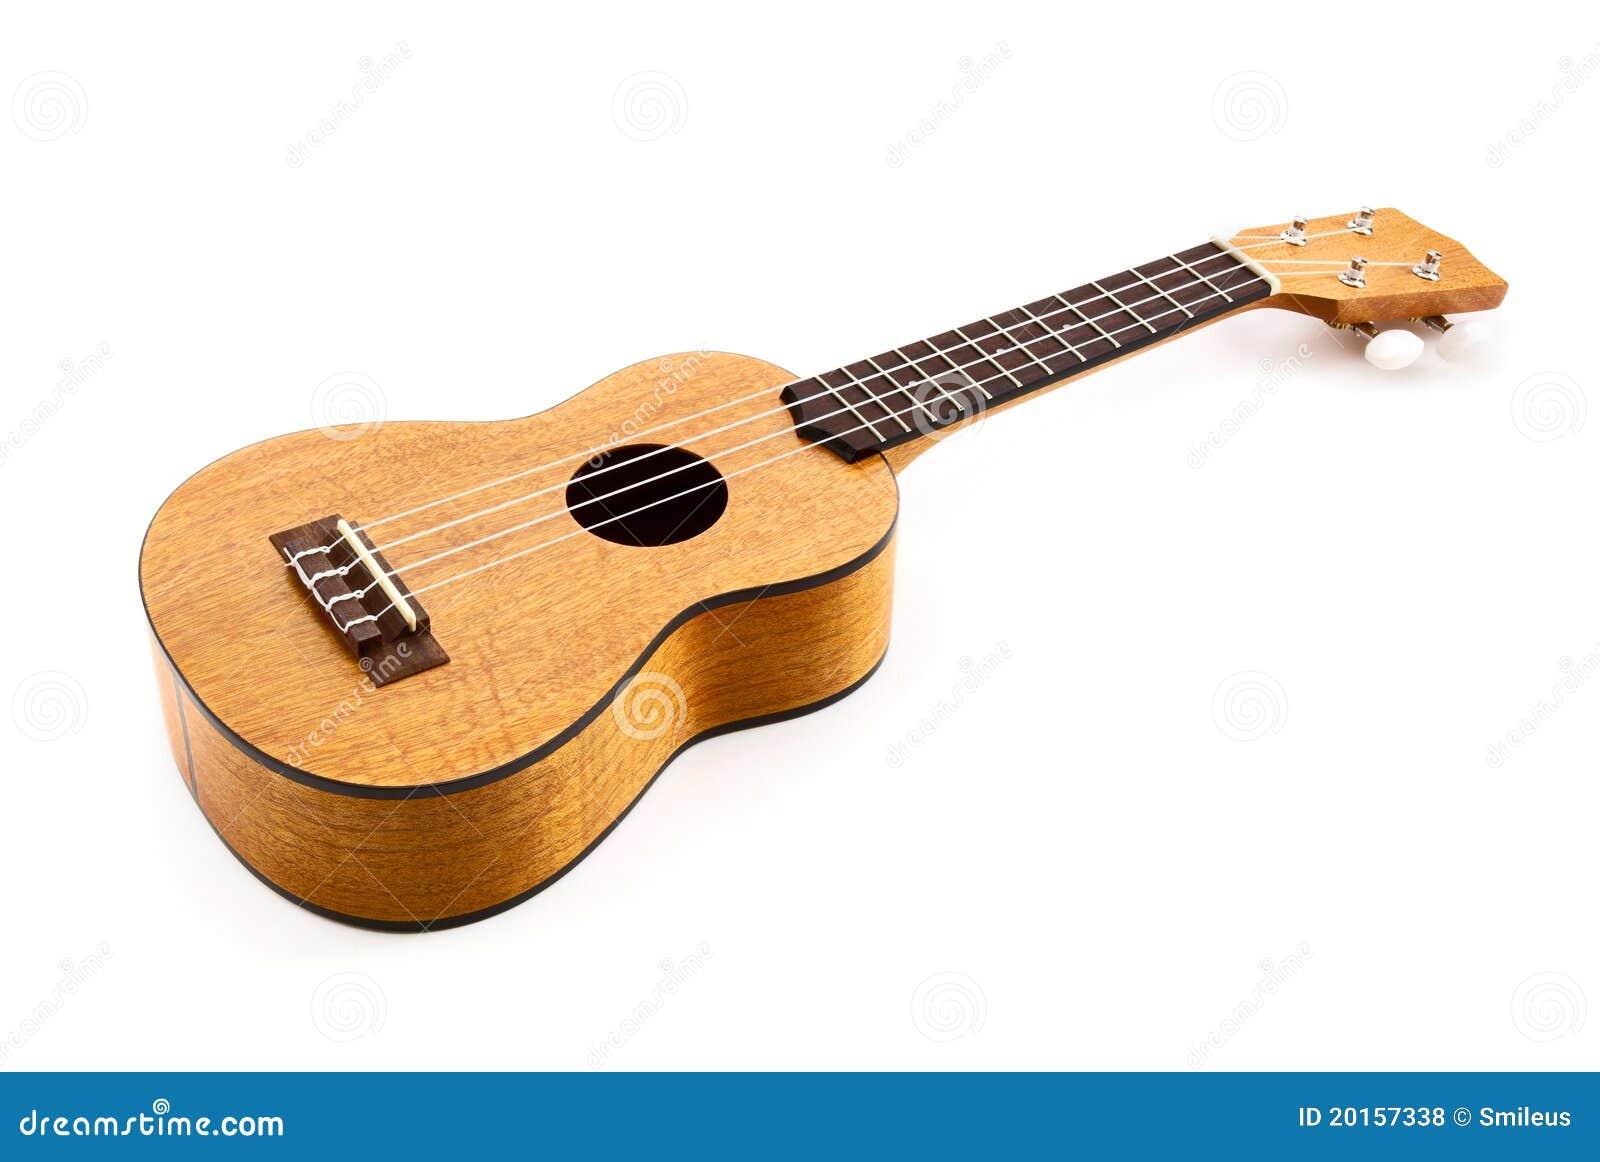 Hawaiian Song Mp3 Download